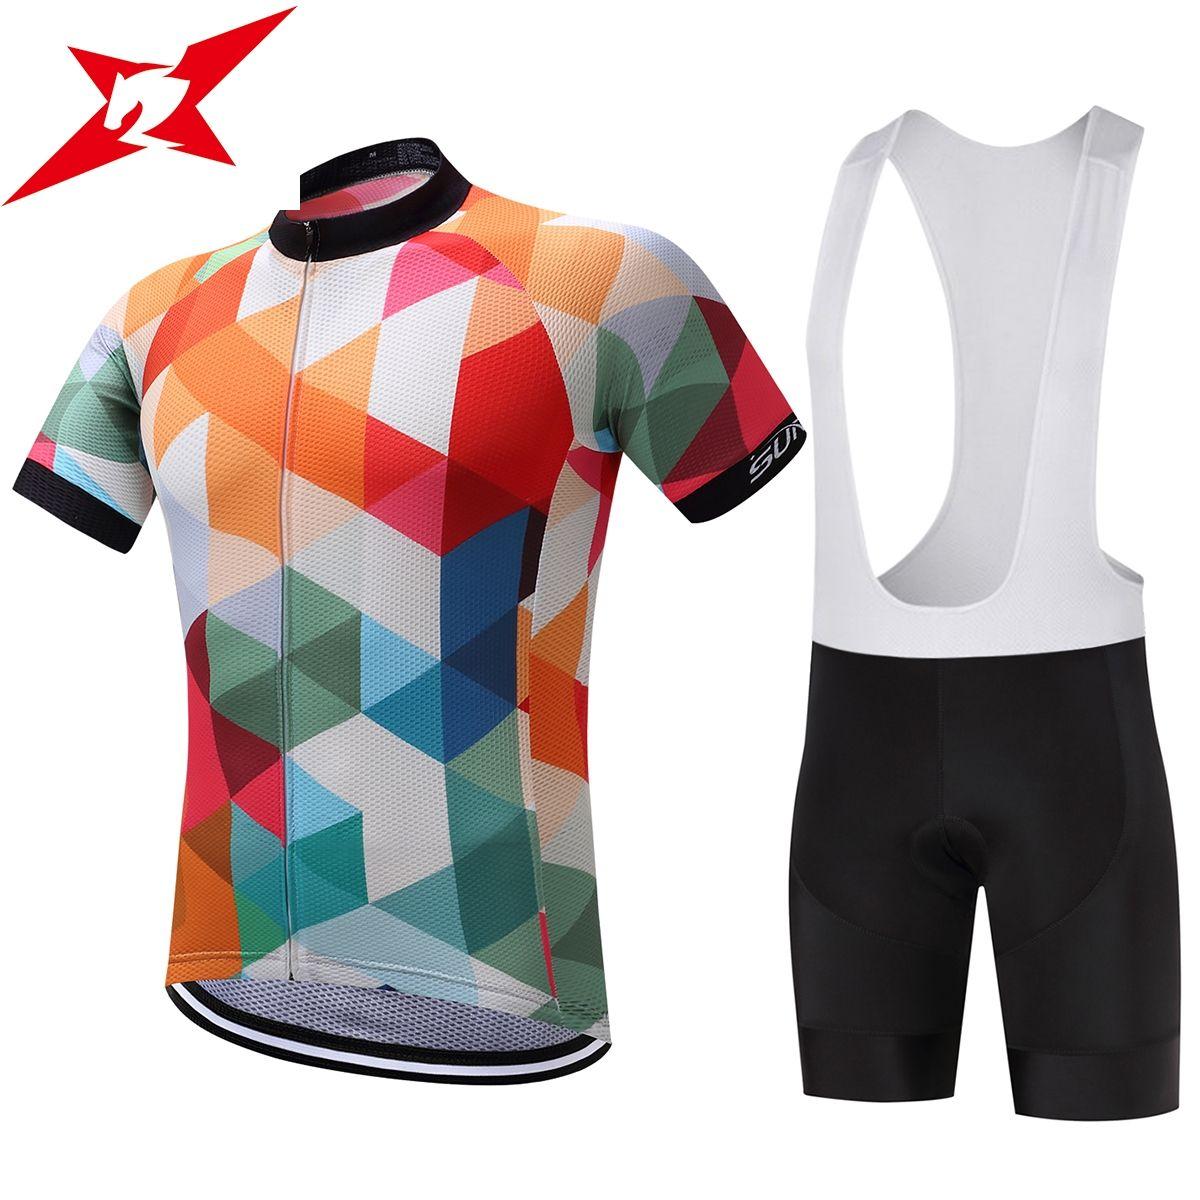 Surea Велоспорт Джерси 100% полиэстер гель Велосипедный Спорт Костюмы короткий рукав Майо Ропа Ciclismo горный велосипед одежда #384